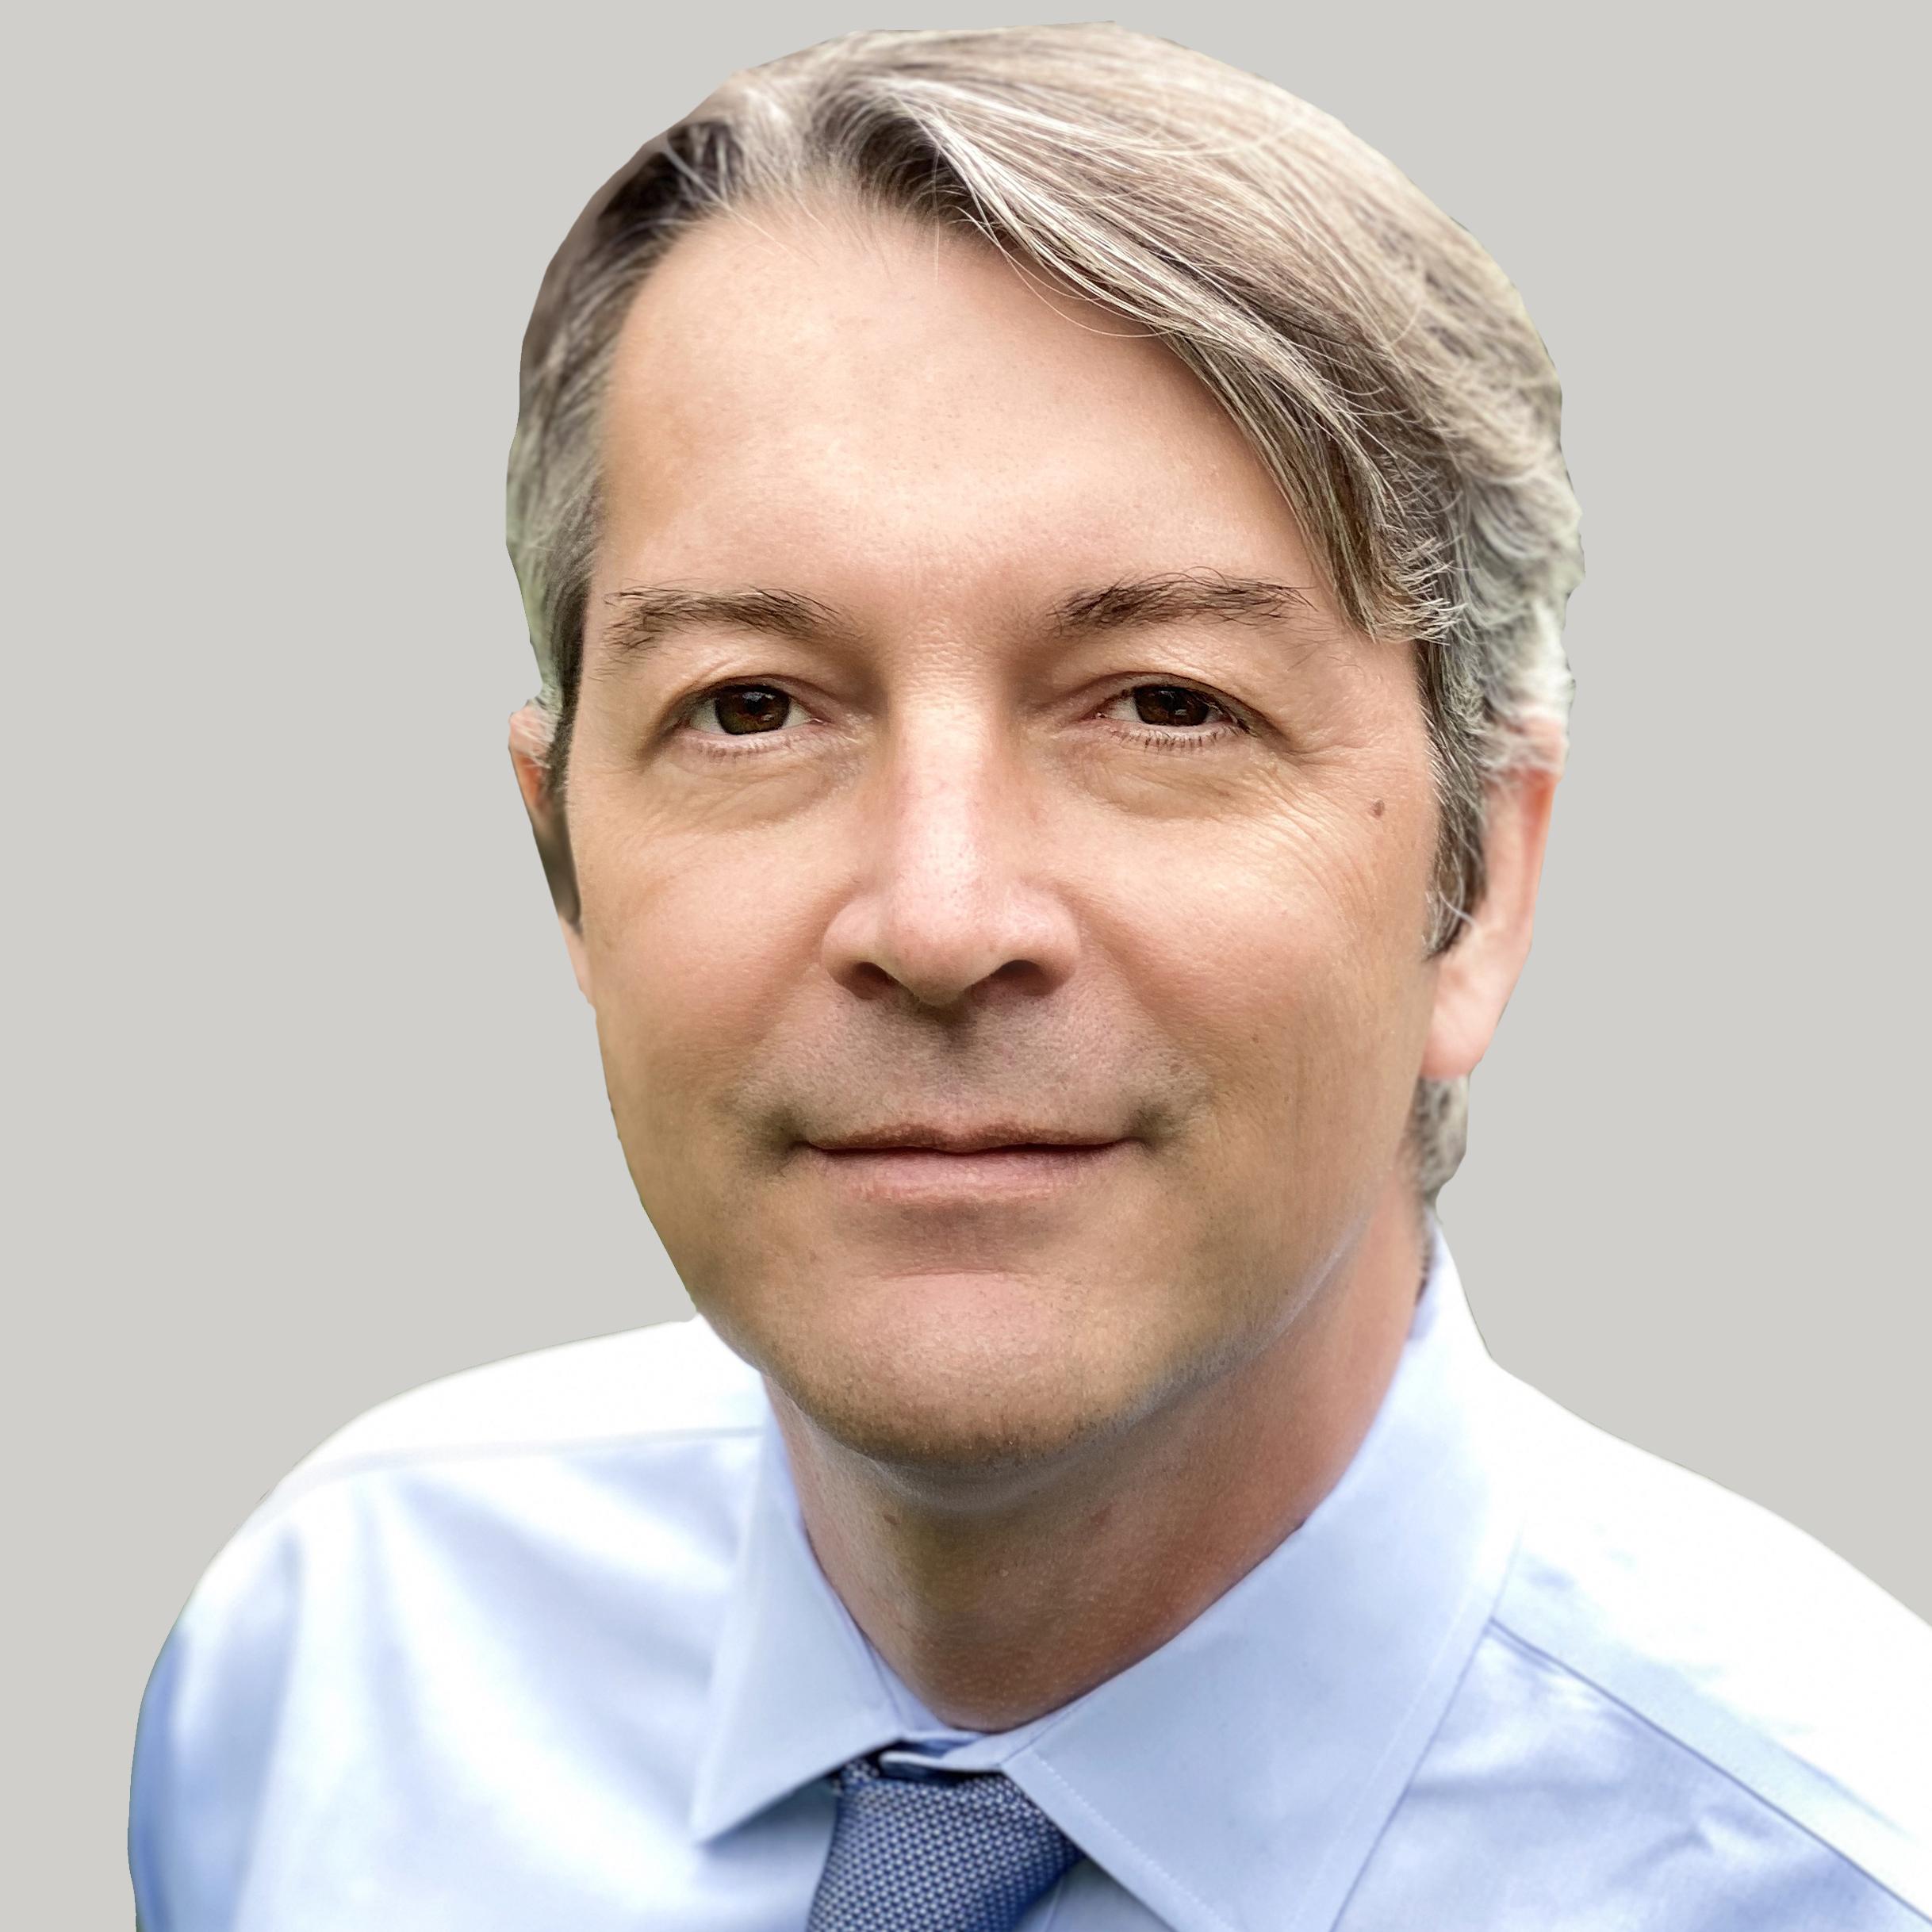 Erik Detiger